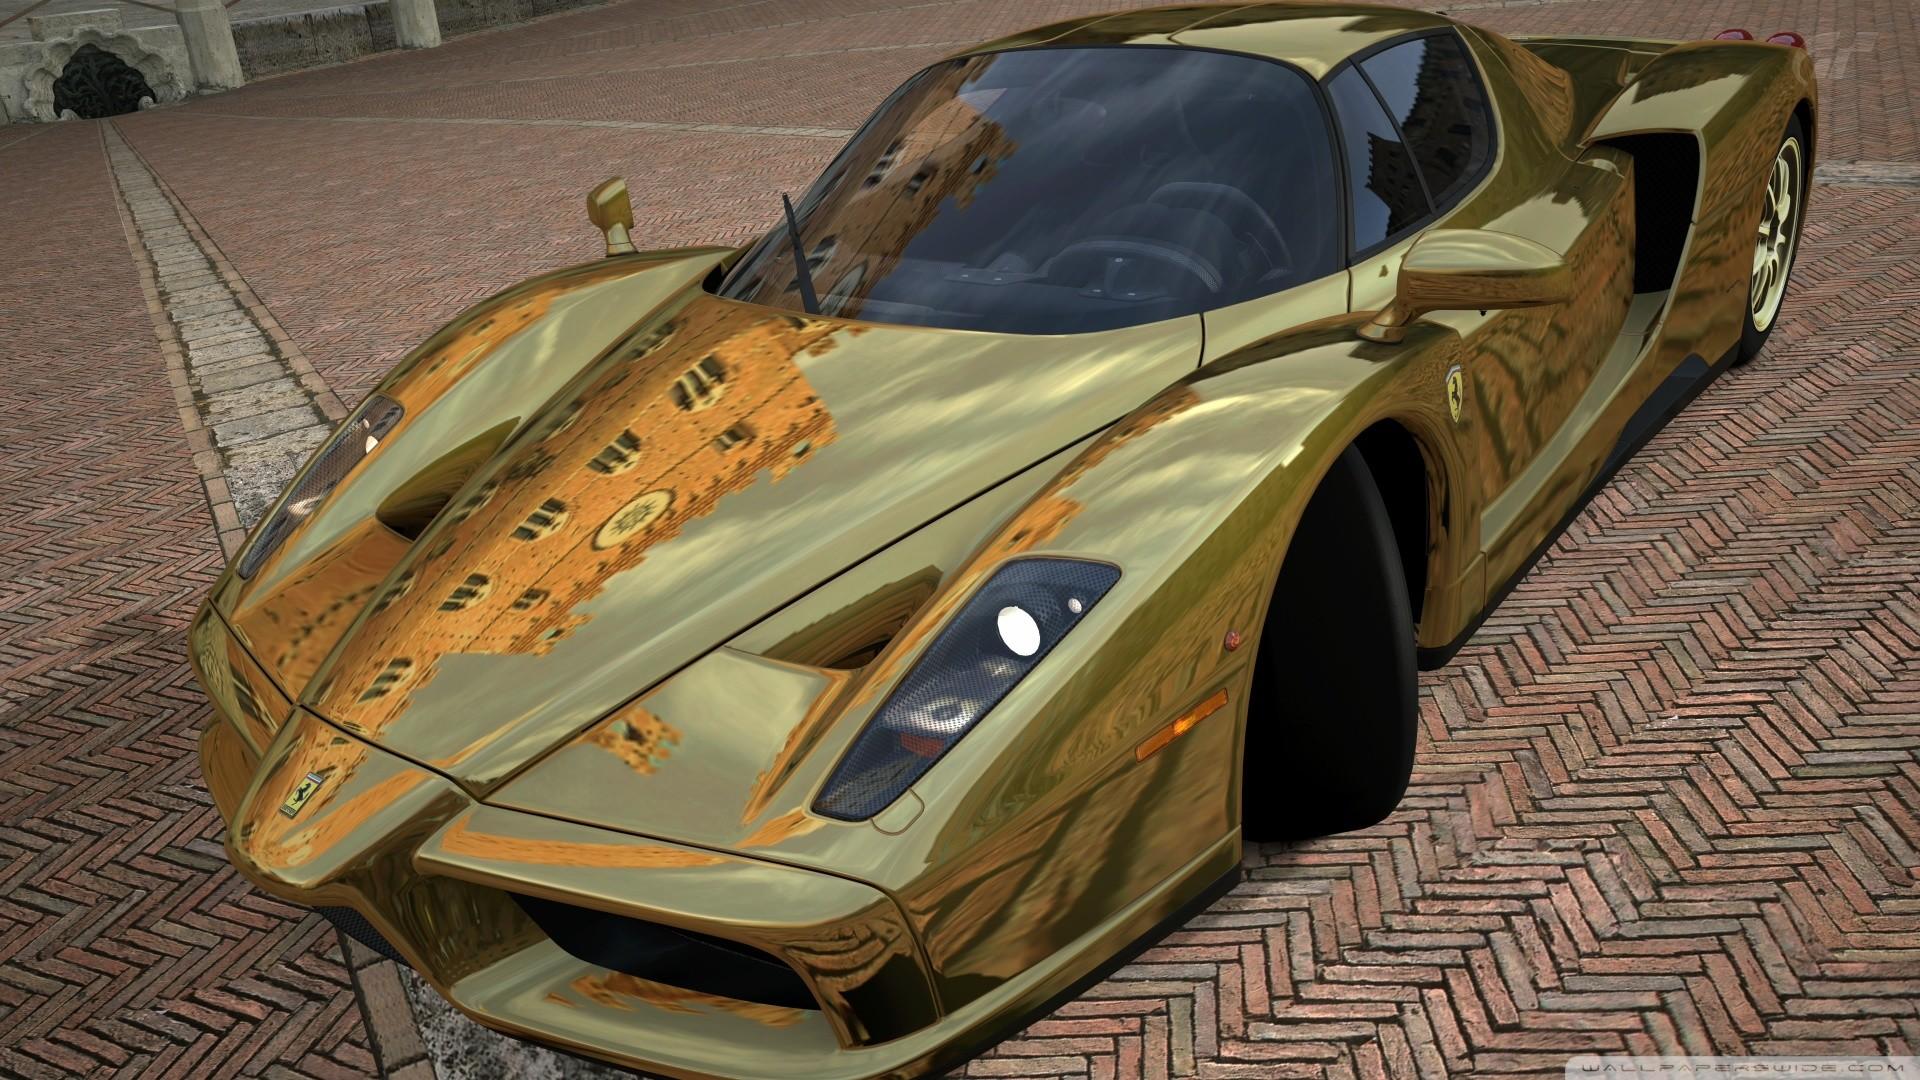 Wonderful 1920x1080 Ferrari Enzo Side Fire Abstract Car 2014 HD